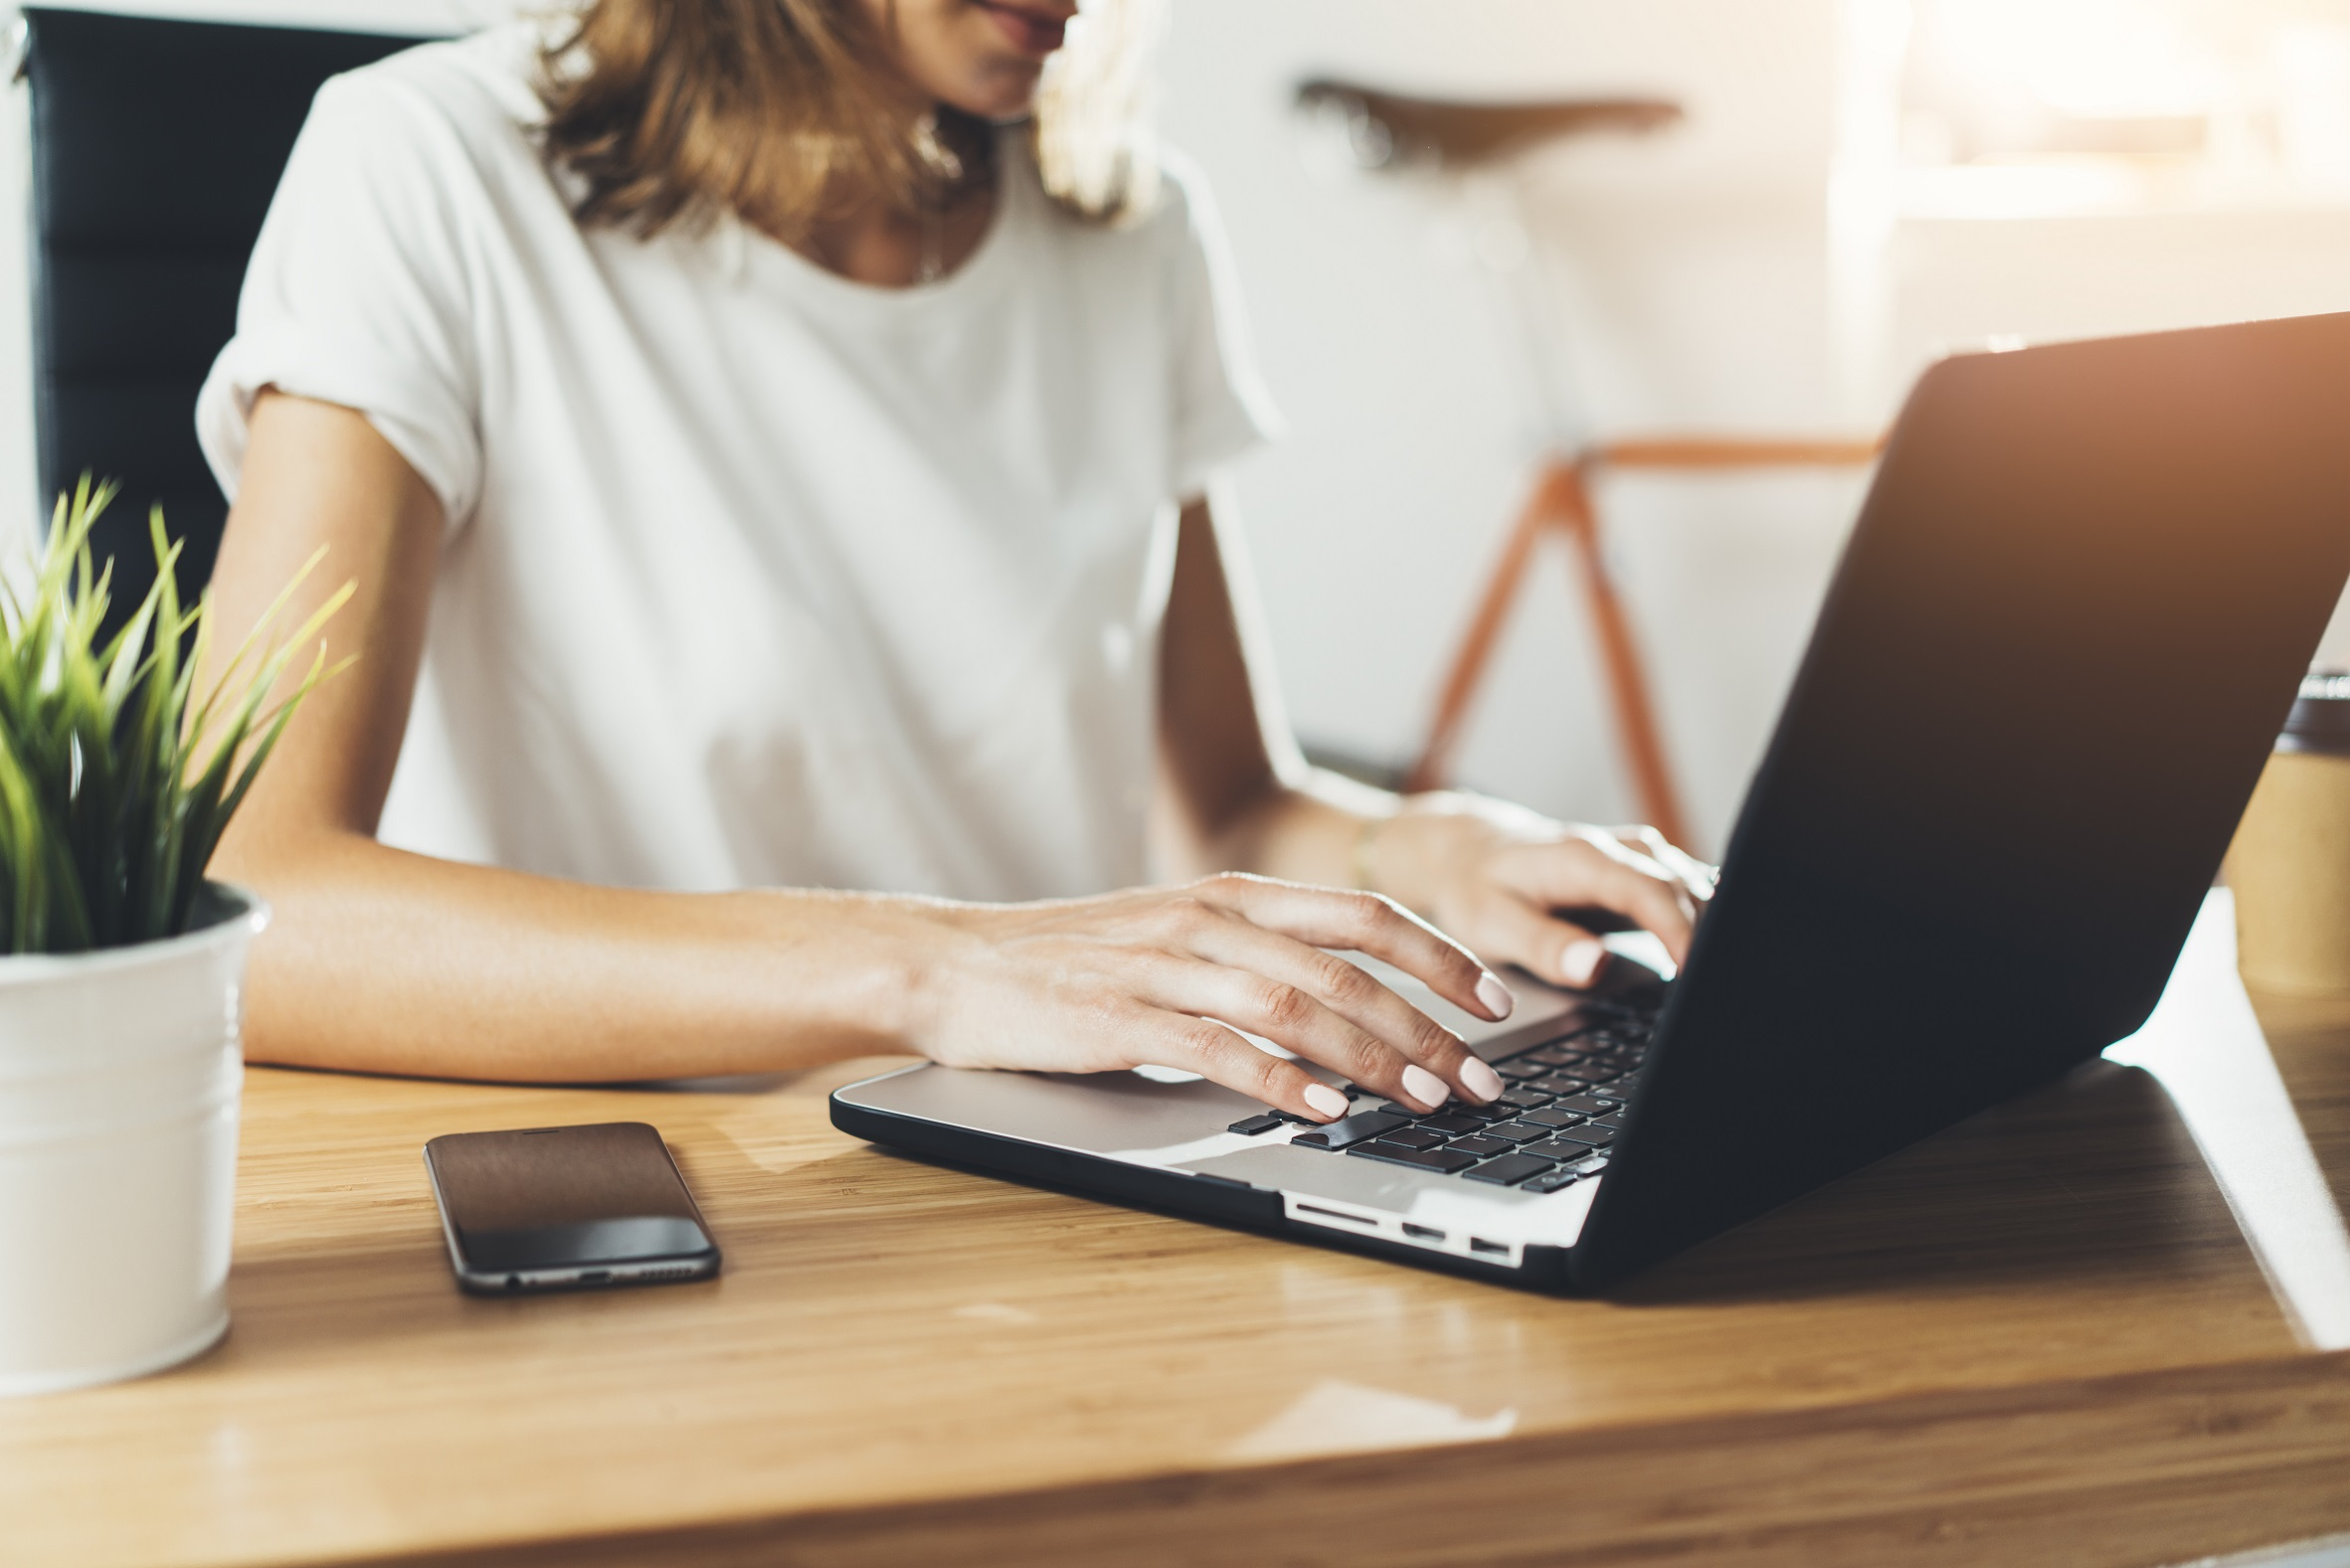 Часто ноутбуки используют для работы